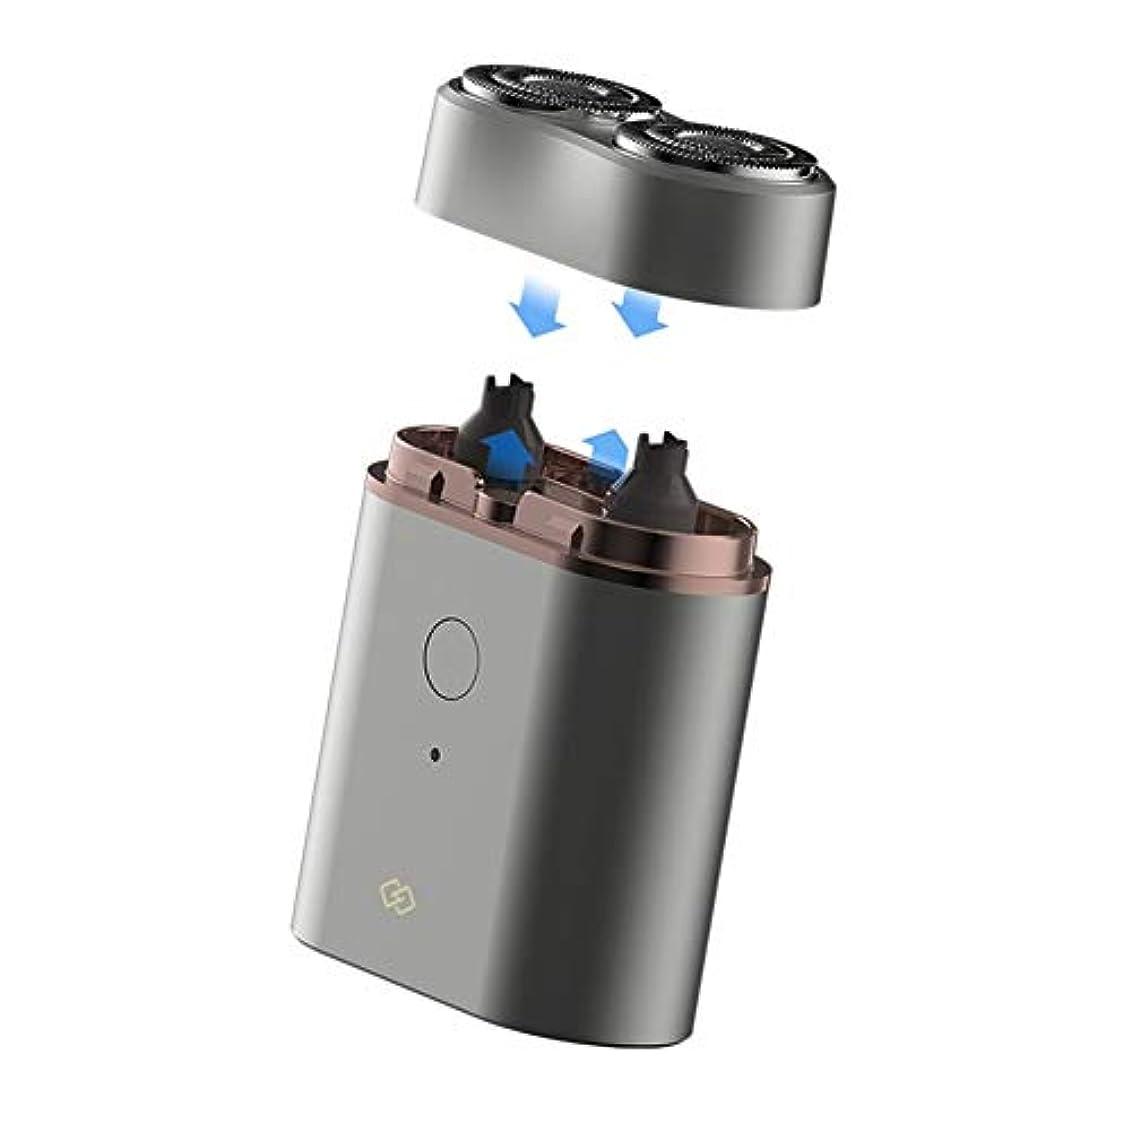 流星文字通り取り戻すPusaman 男性ミニ電気シェーバー、タッチ式の充電式、ボディウォッシュ小型ポータブルシェーバー (Color : Gray)